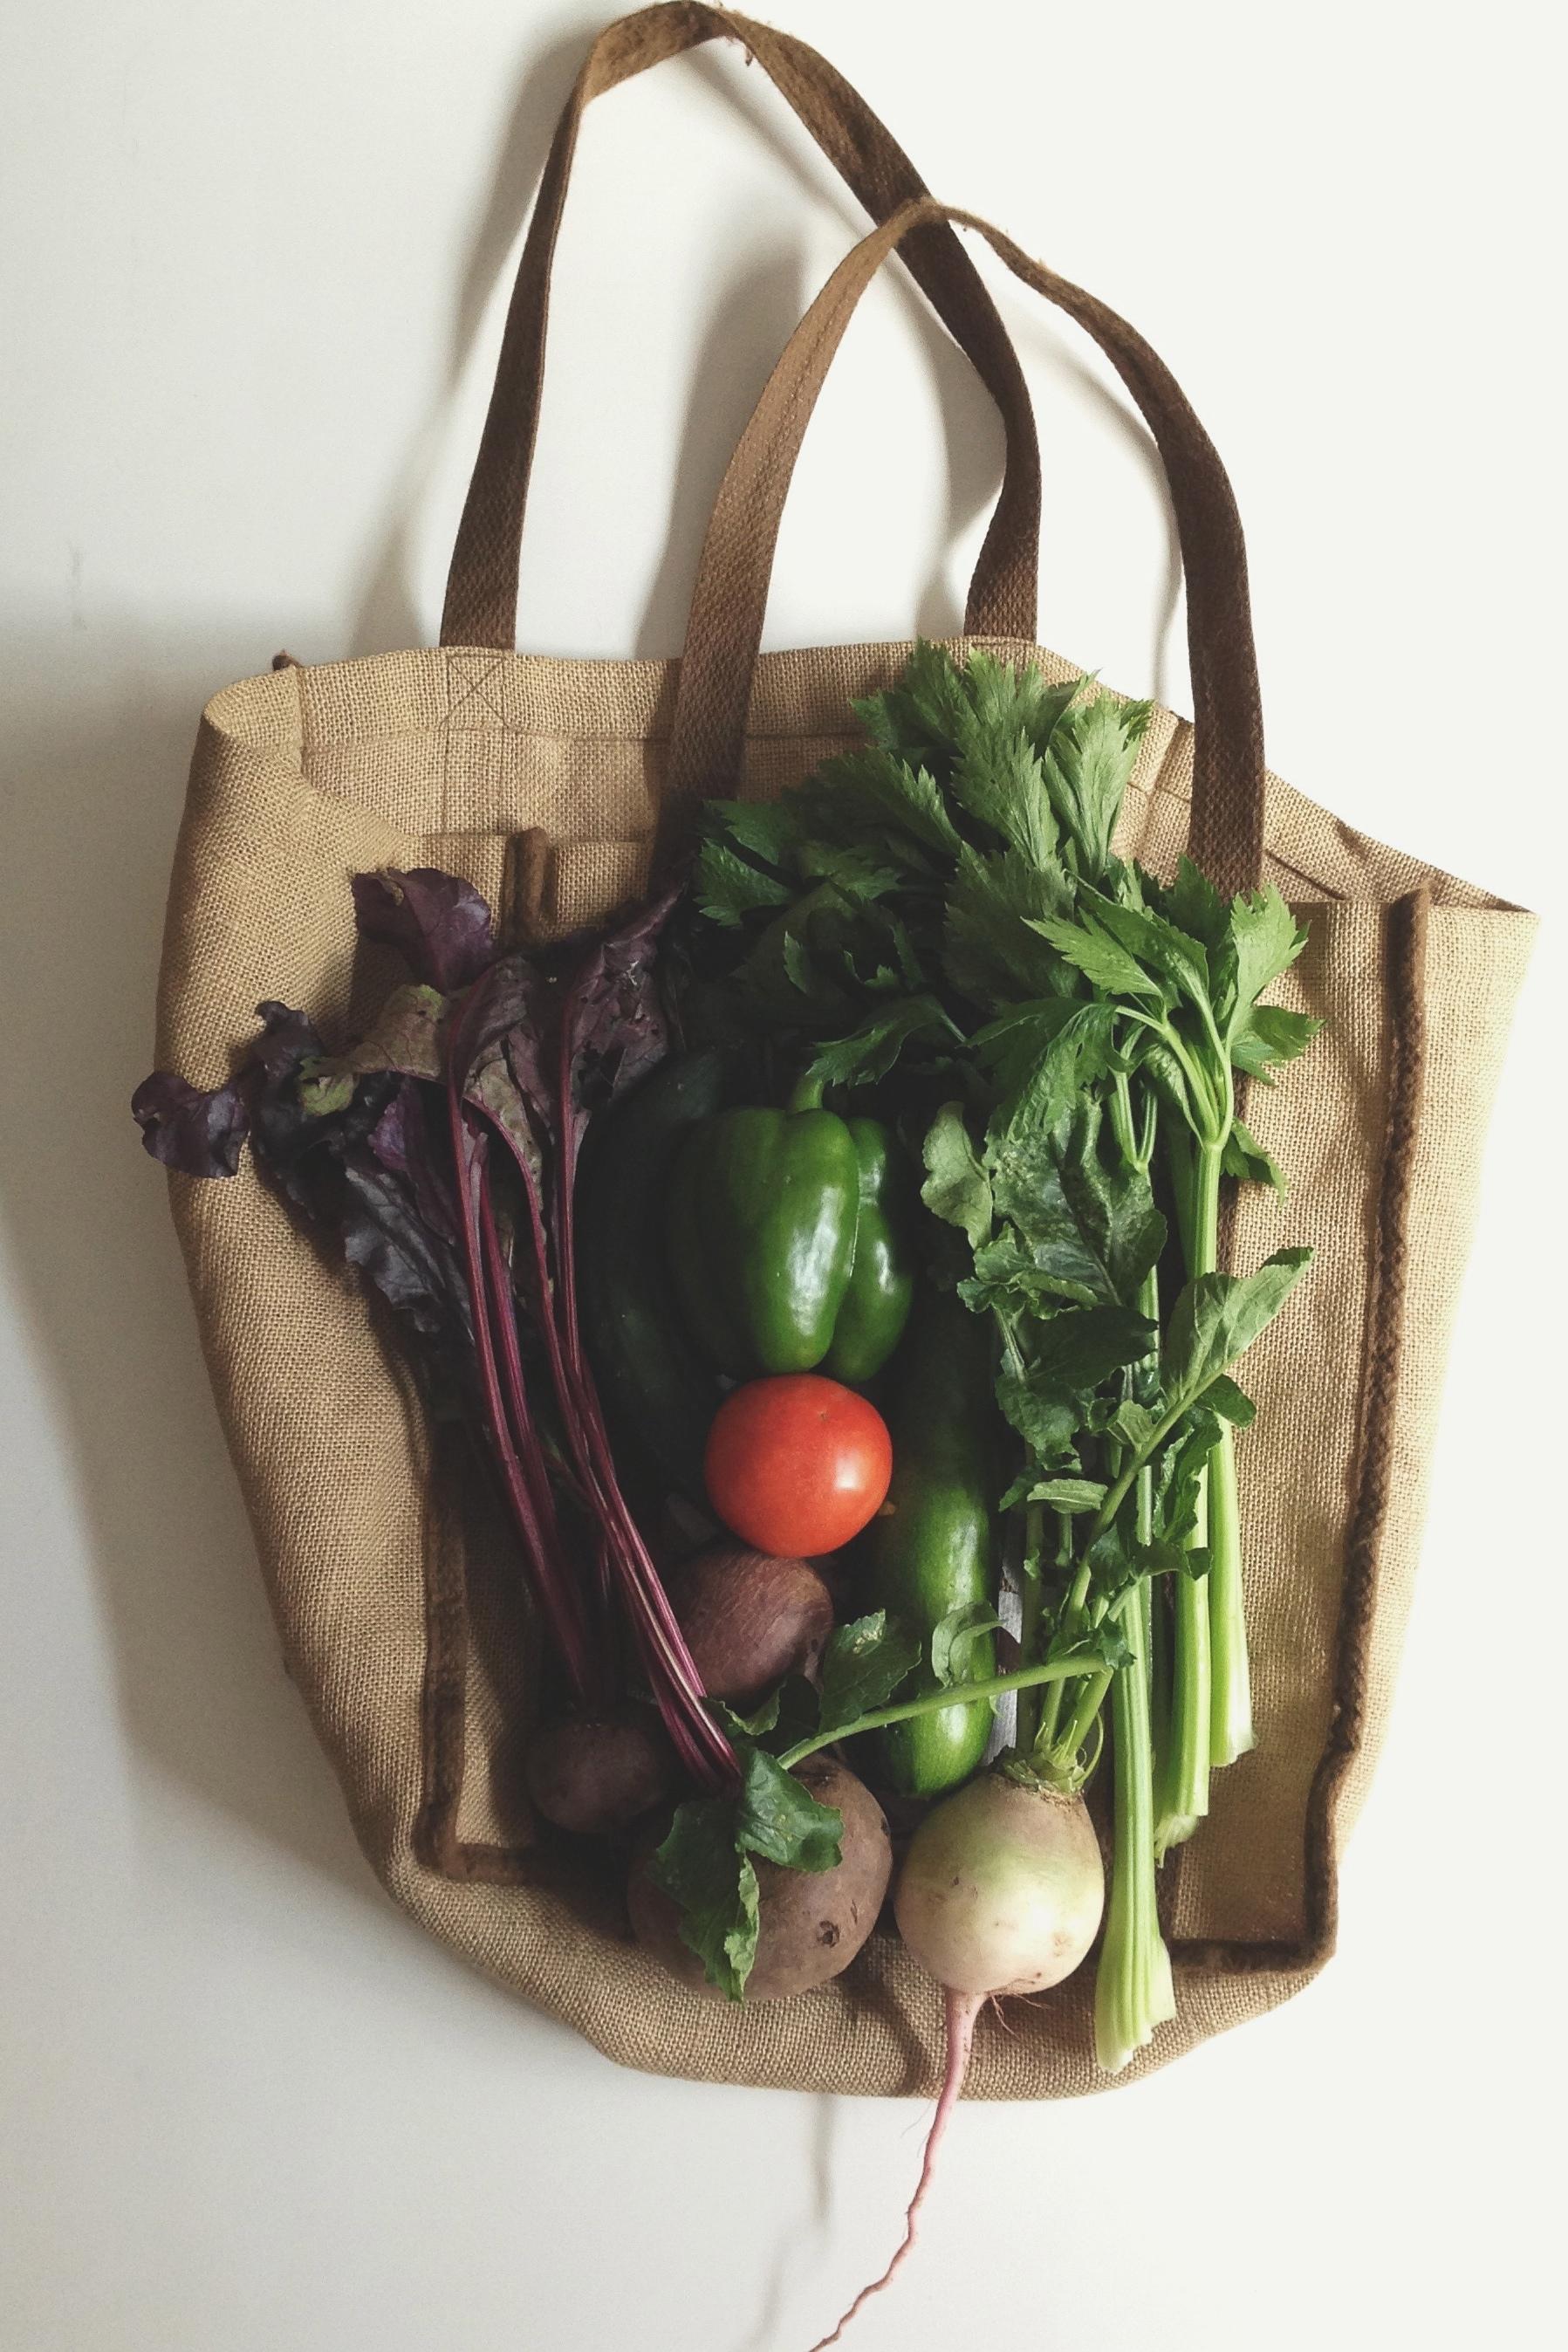 veggiesmarketbag.jpg